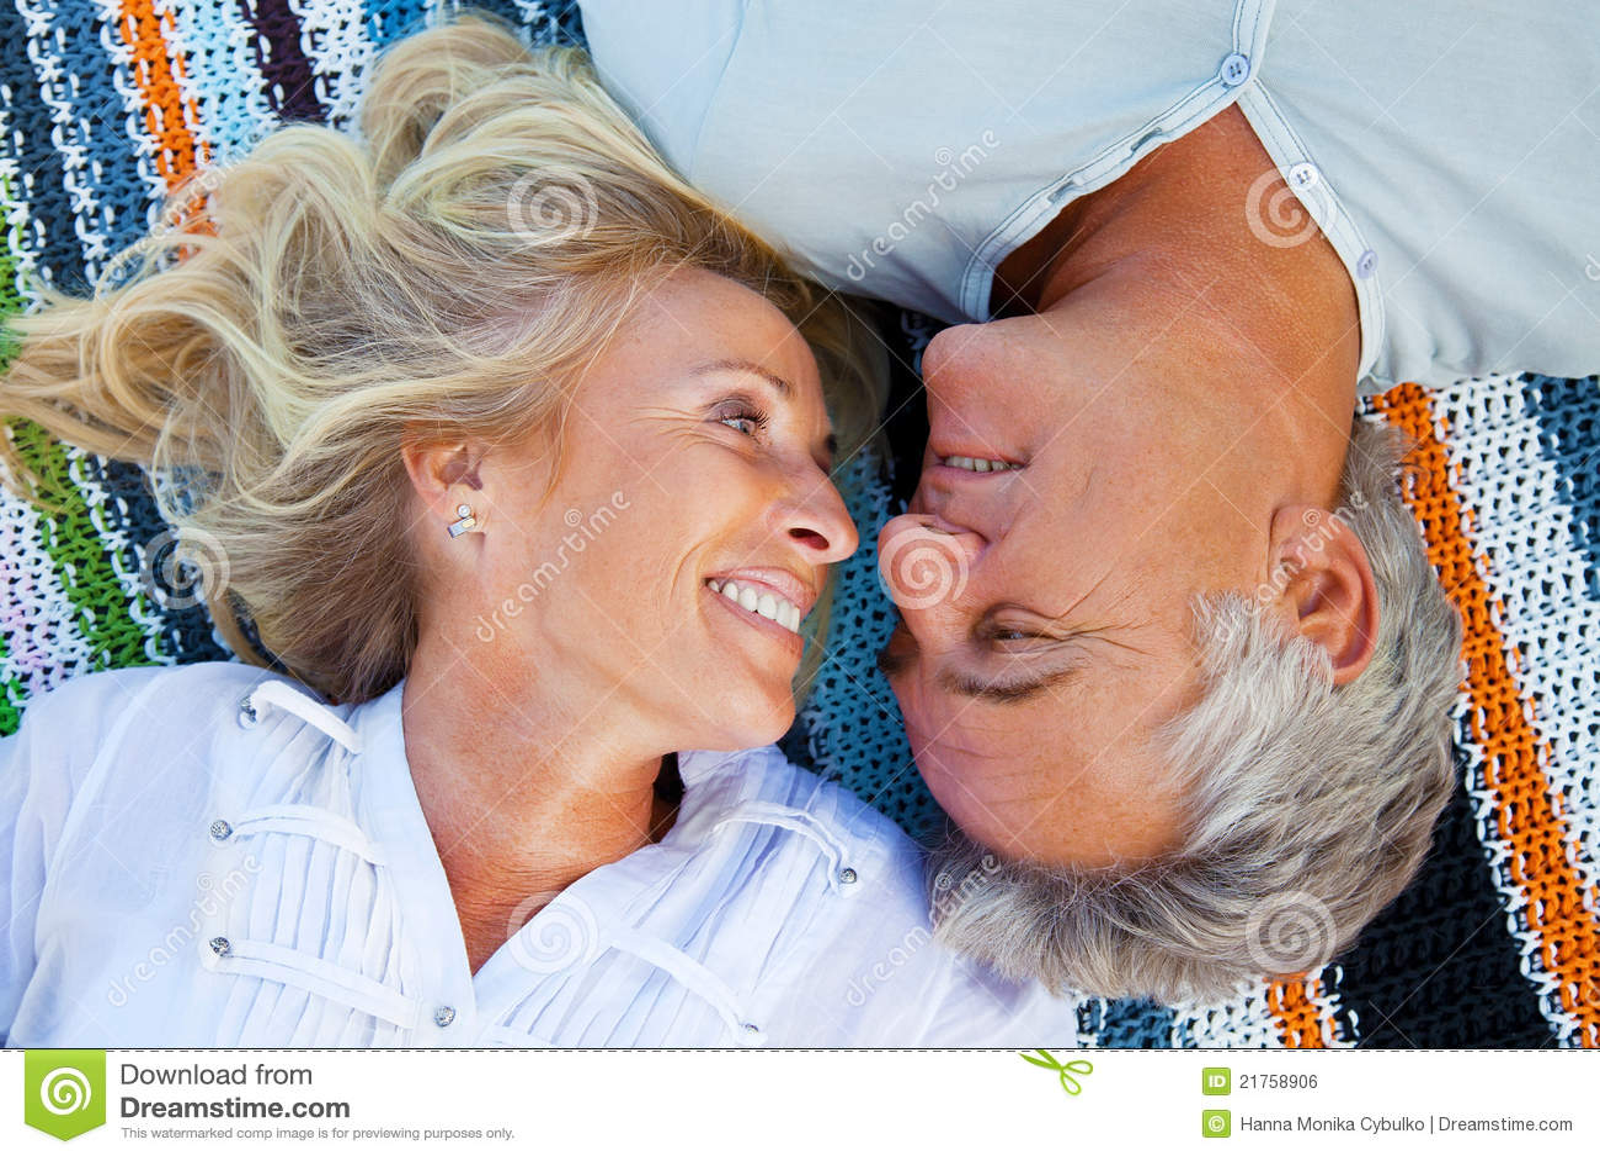 Portrait eines glücklichen romantischen Paares